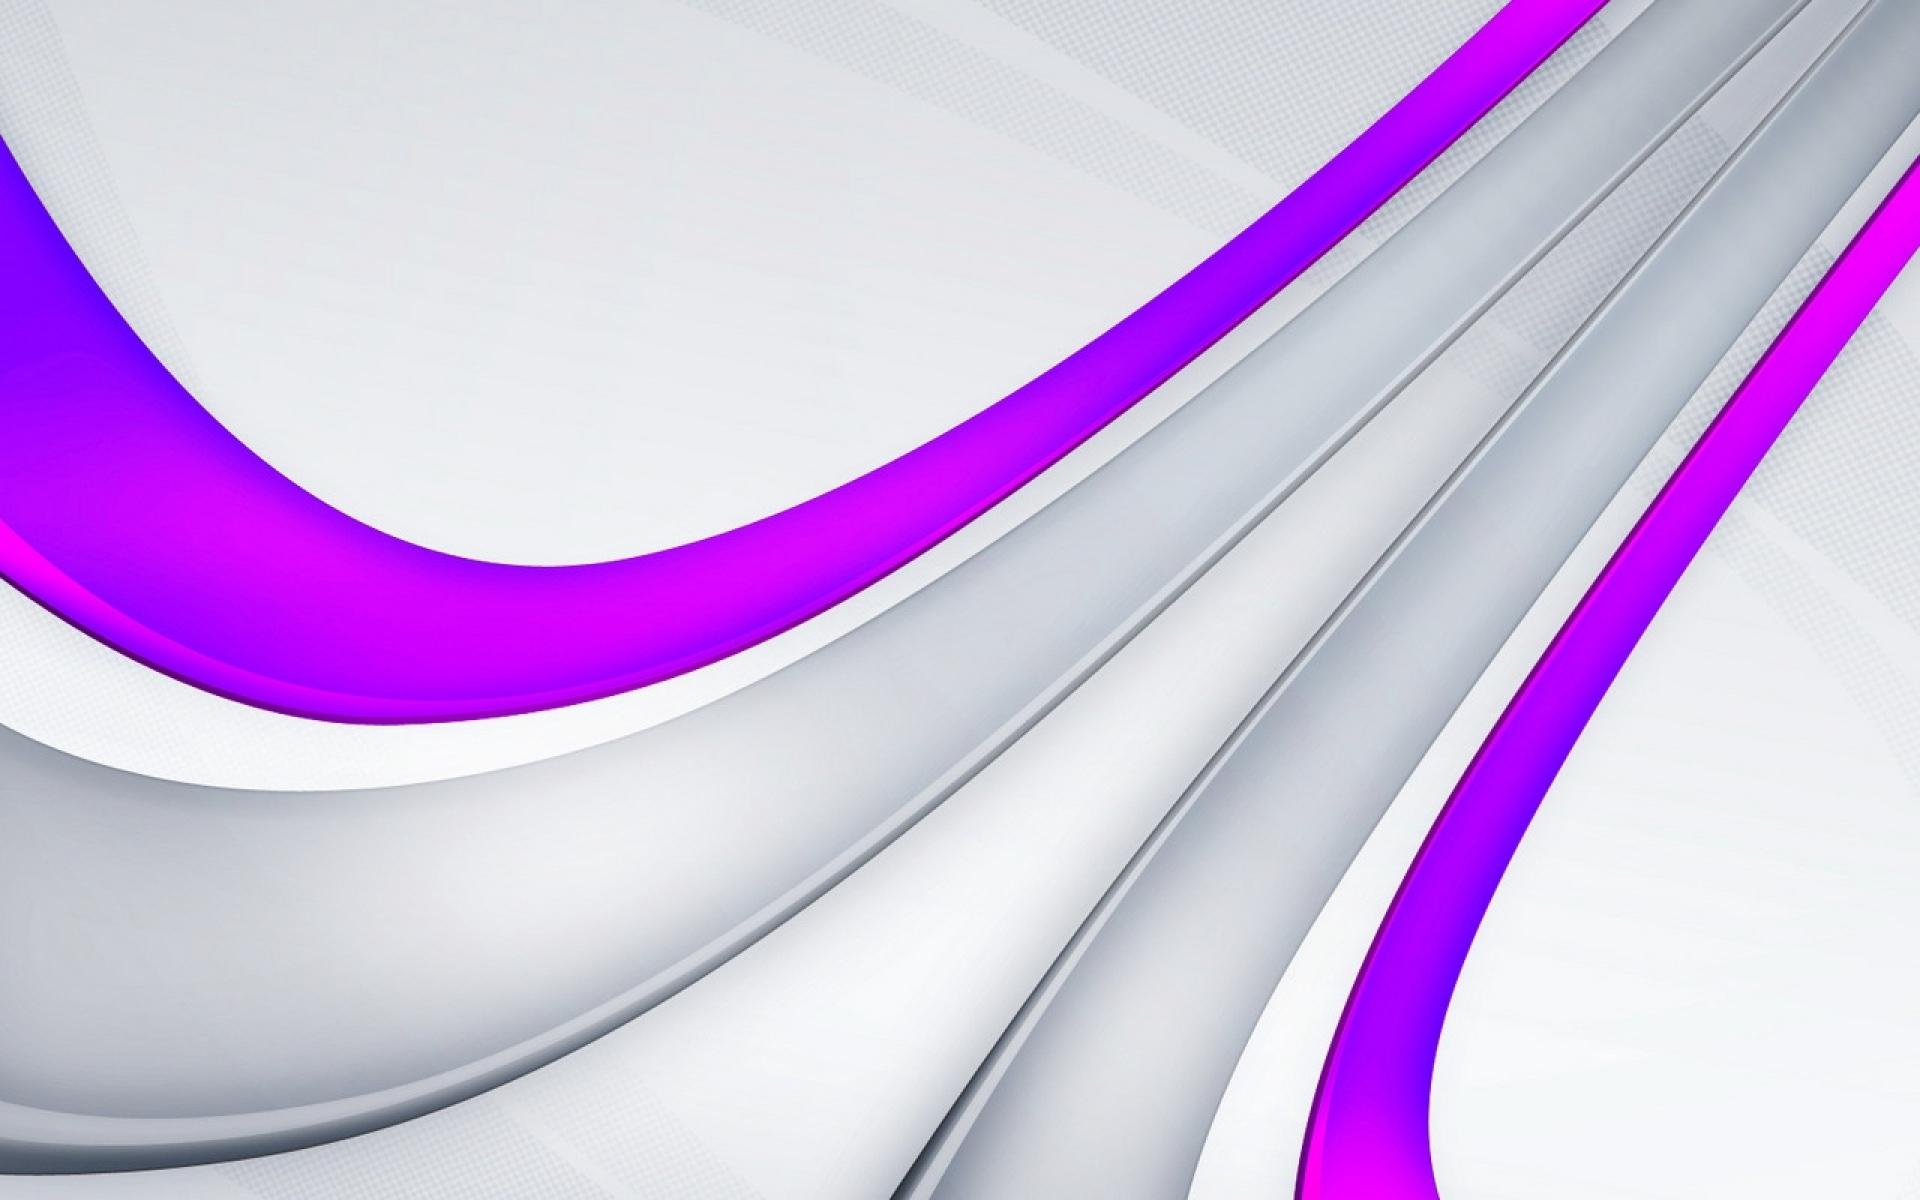 Картинки Линия, серый, фиолетовый, белый фото и обои на рабочий стол